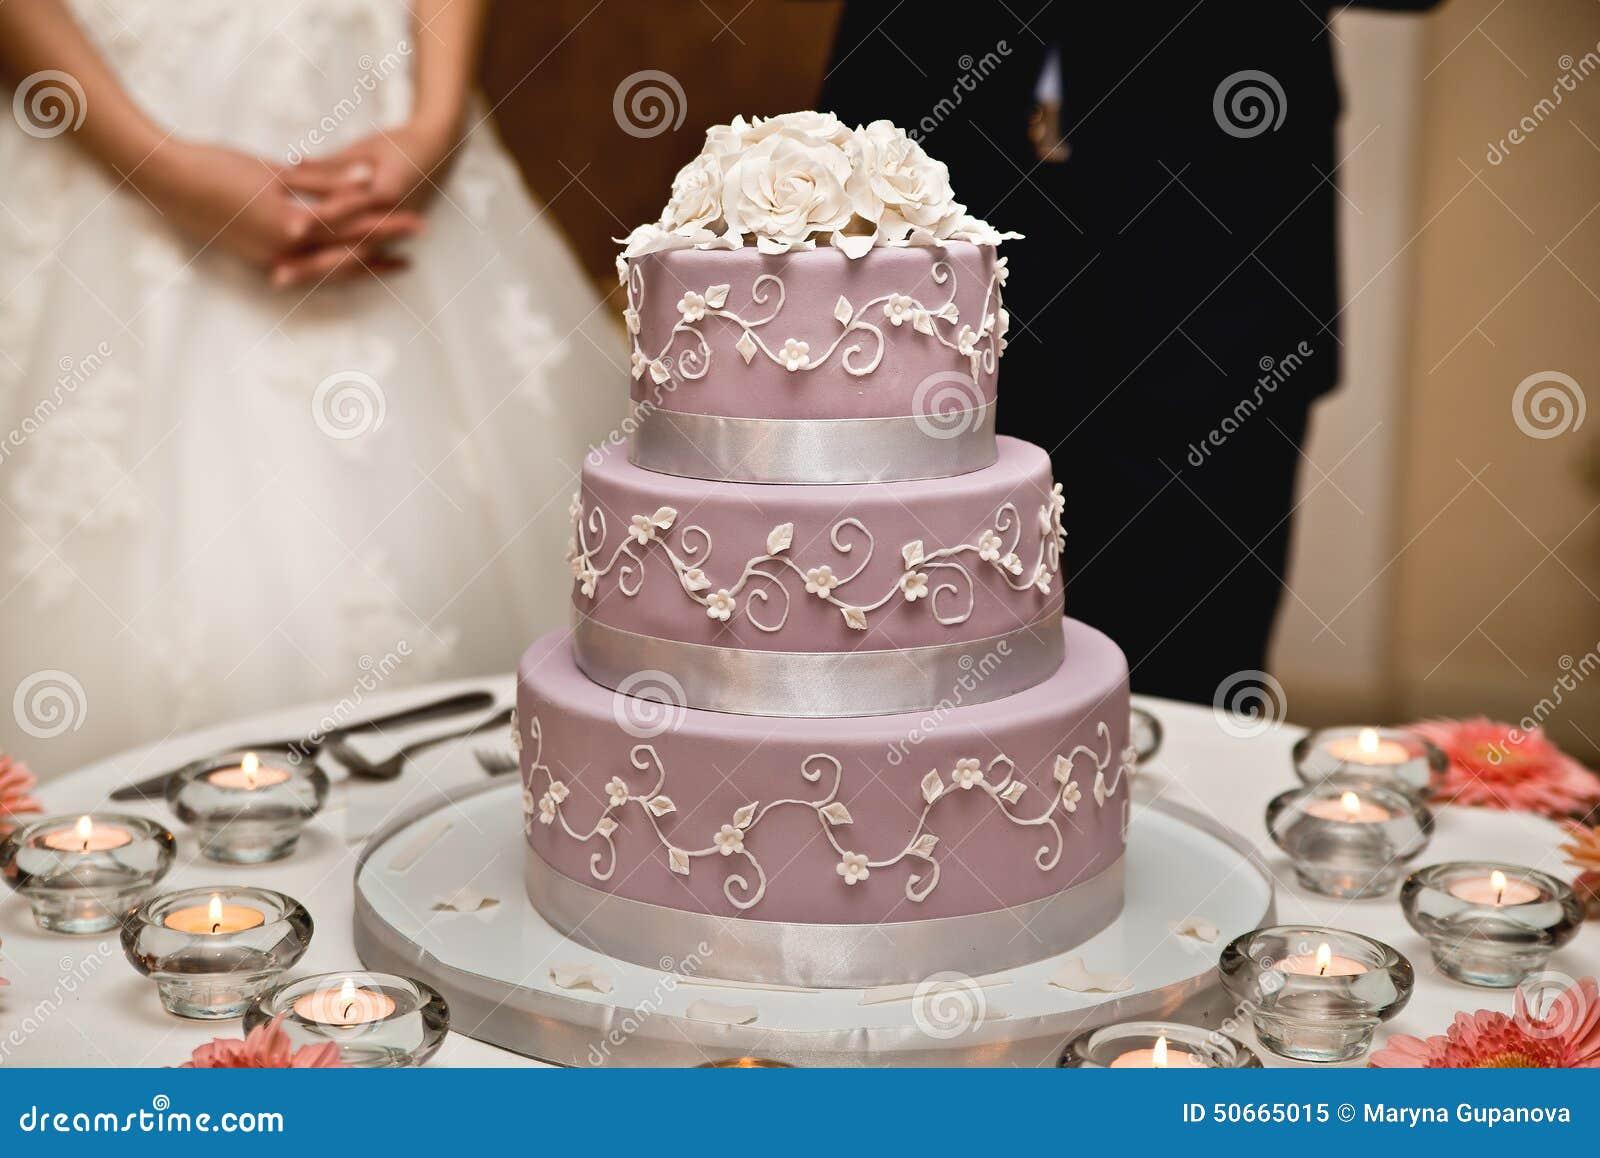 Hochzeitstorten Stockbild Bild Von Dekorationen Marry 50665015